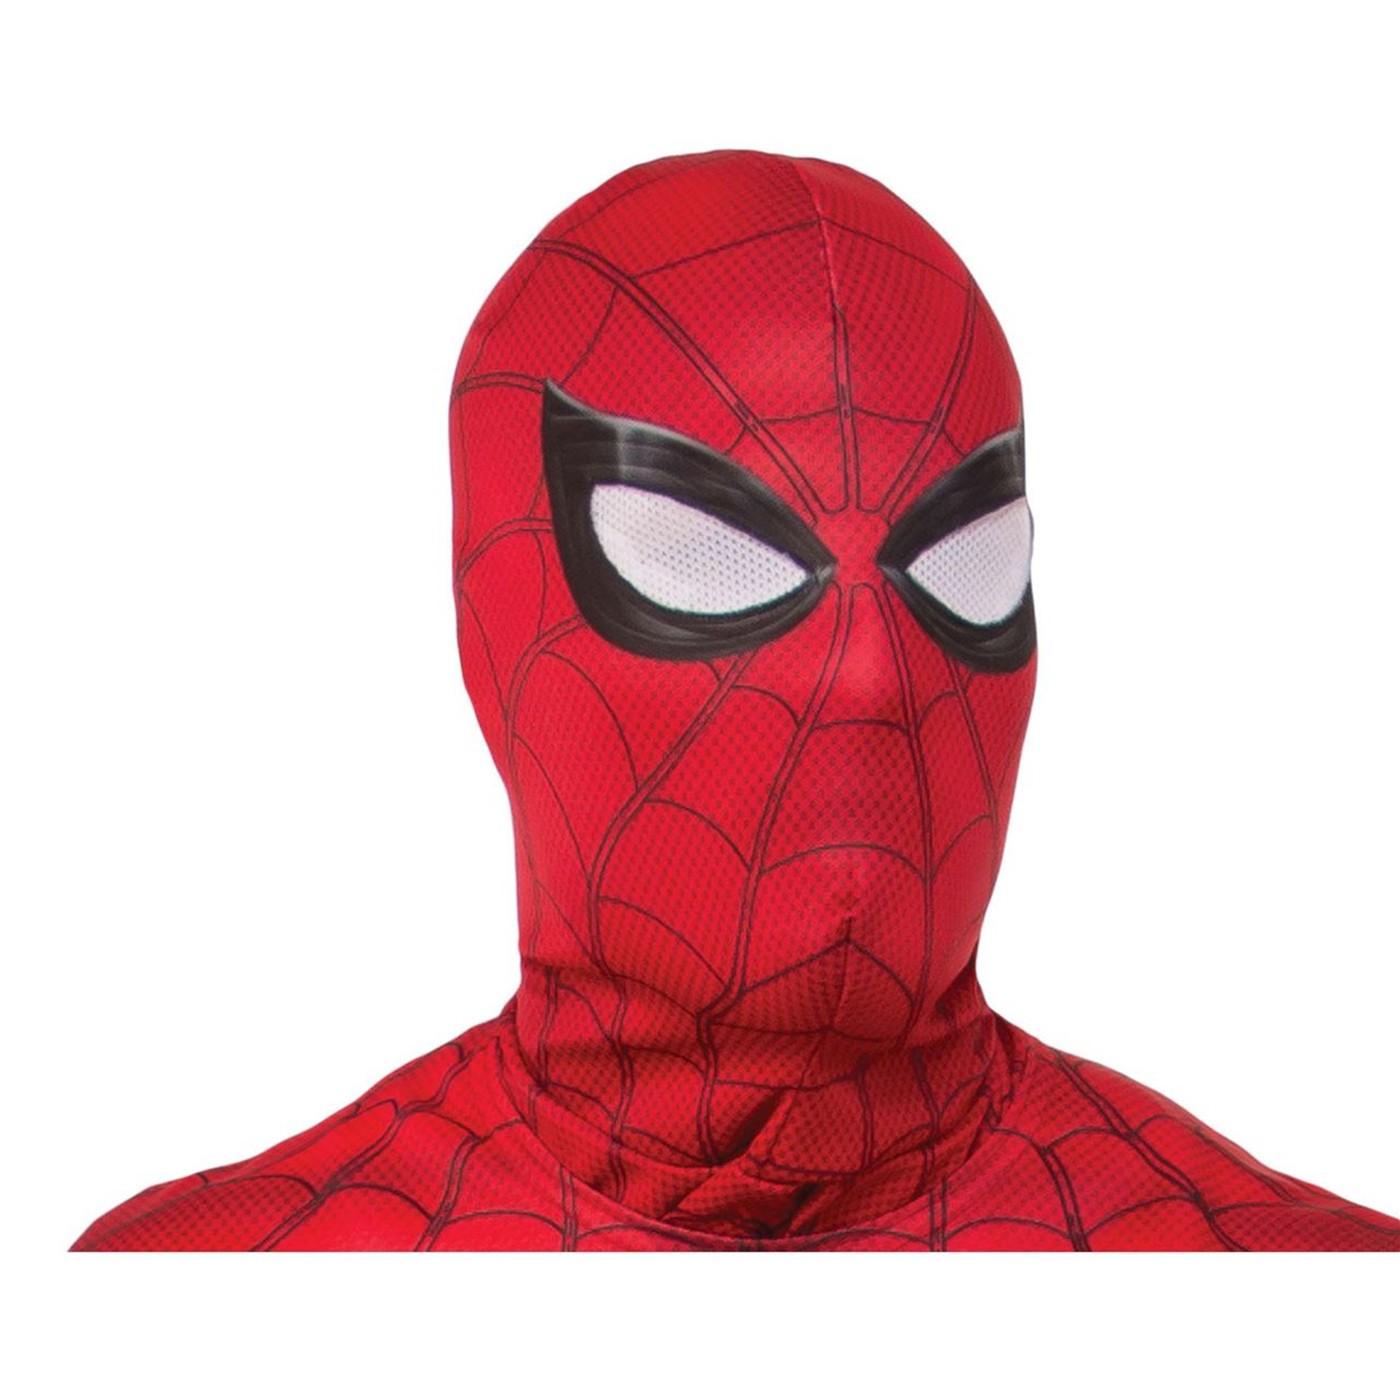 Spiderman Adult Costume Mask